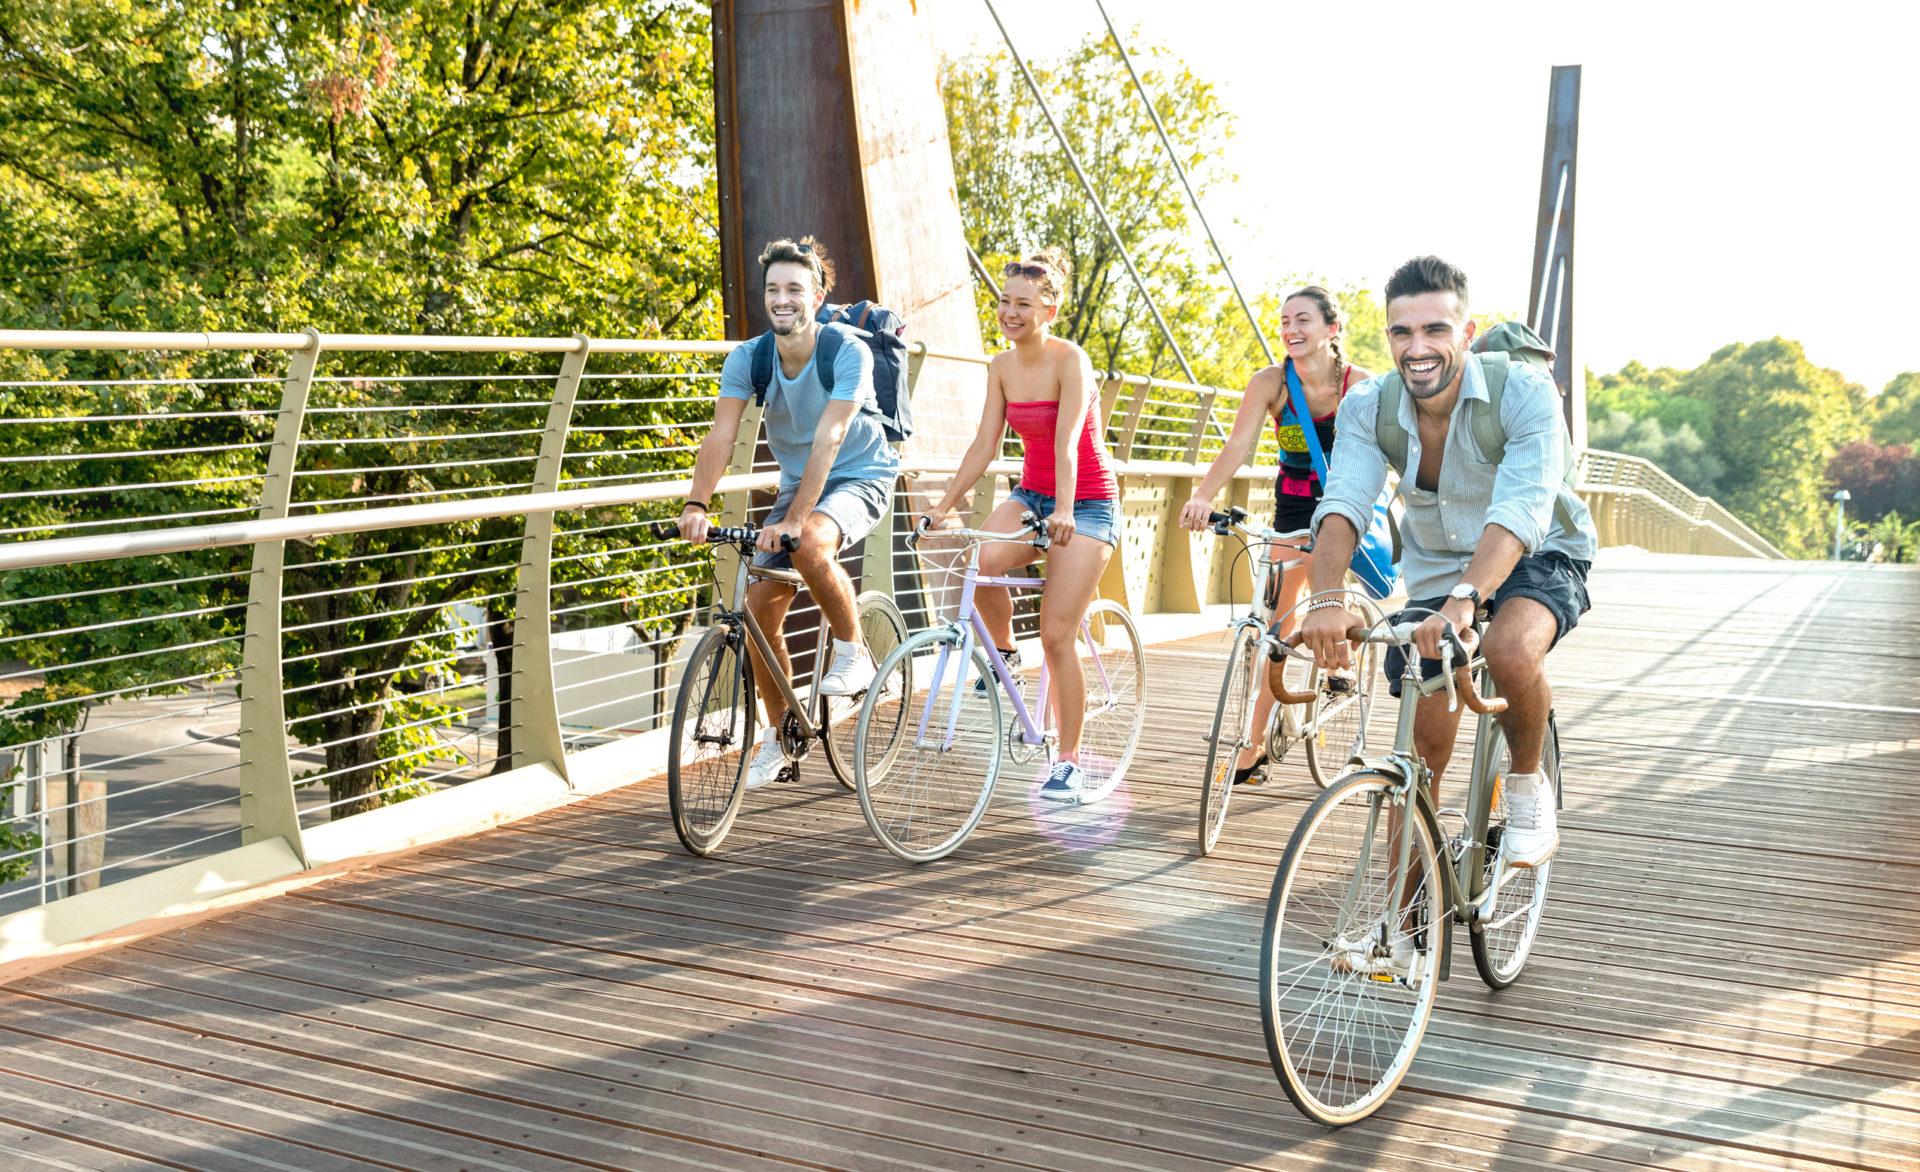 Grupa znajomych jedzie na rowerach